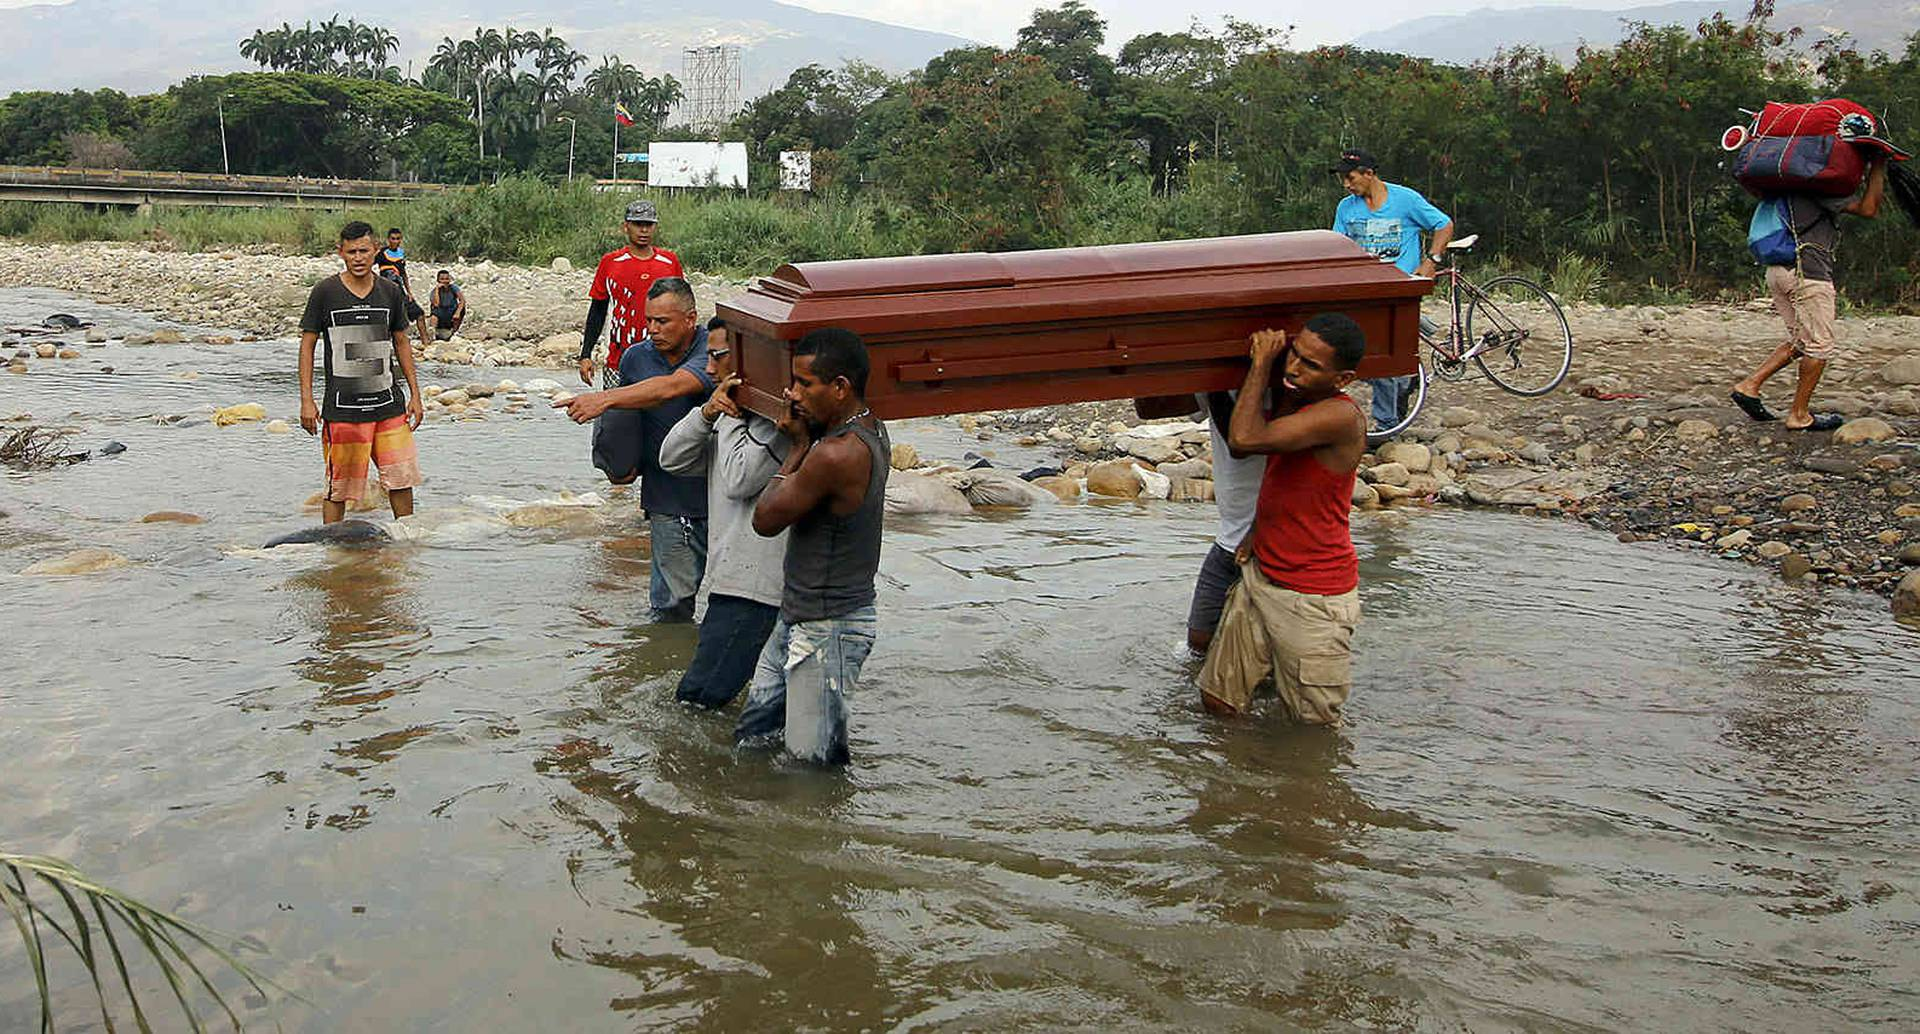 Familiares llevan los restos de Florentino Torrado a través del río Táchira a Colombia para su entierro, cerca del puente internacional Simón Bolívar, que las autoridades venezolanas solo abren a estudiantes y enfermos en Cúcuta, Colombia. FOTO: Schneyder Mendoza/AP